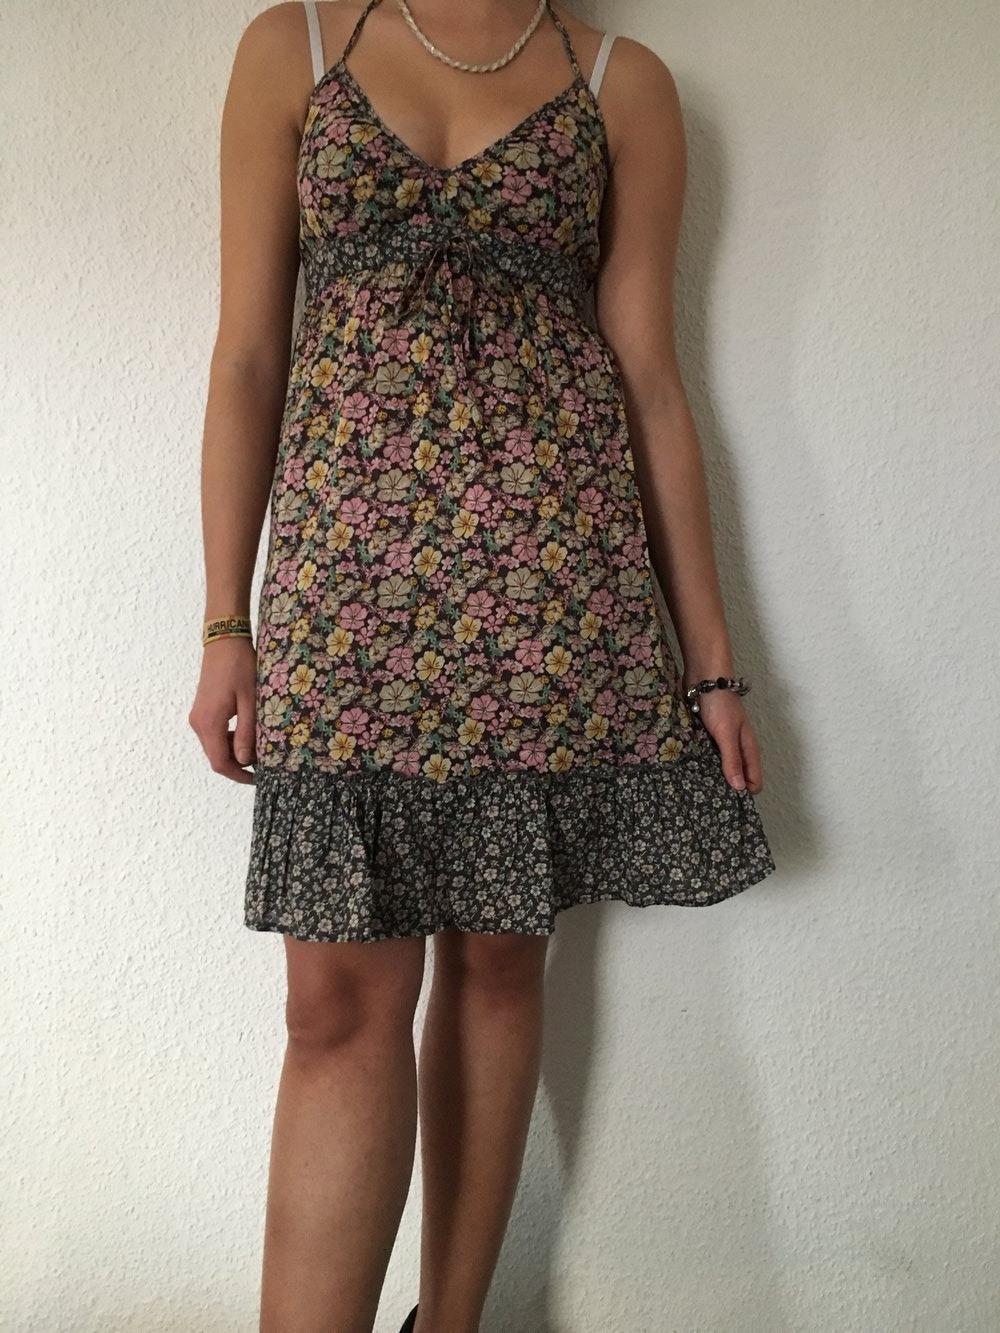 Schönes Kleidchen Mit Buntem Blumenmuster In 36 Kleid H